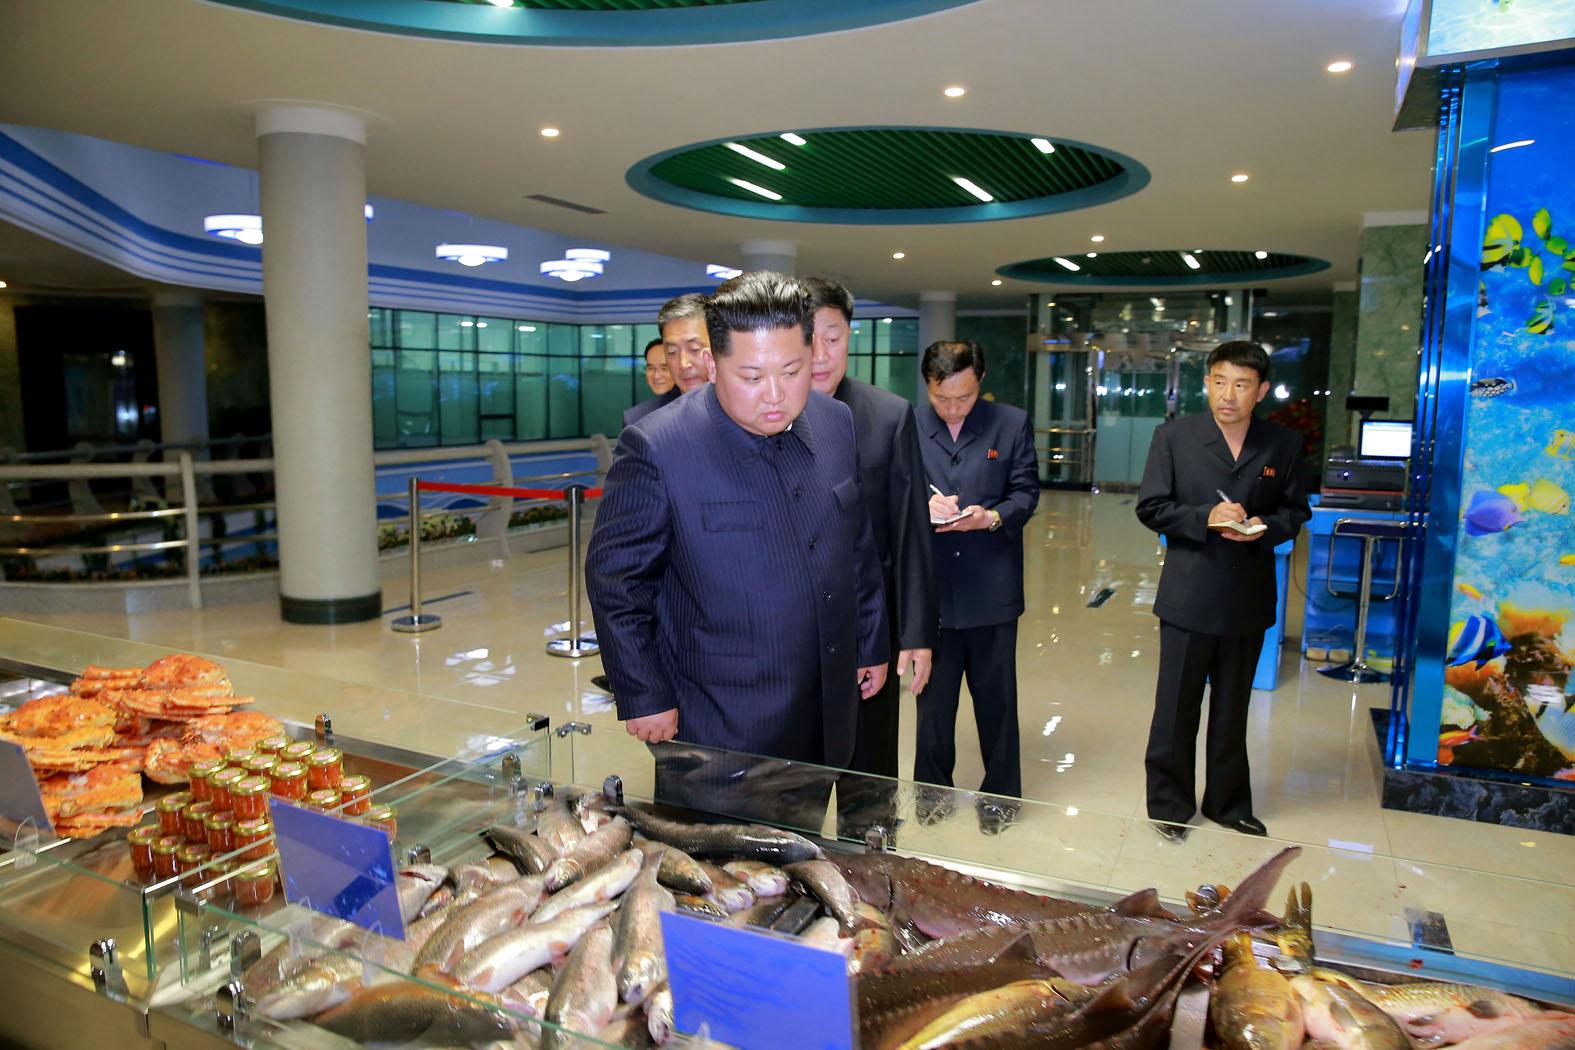 معرض صور حول تاريخ حزب العمل الكوري خلال عهد الرئيس الكوري الديمقراطي كيم جونغ وون